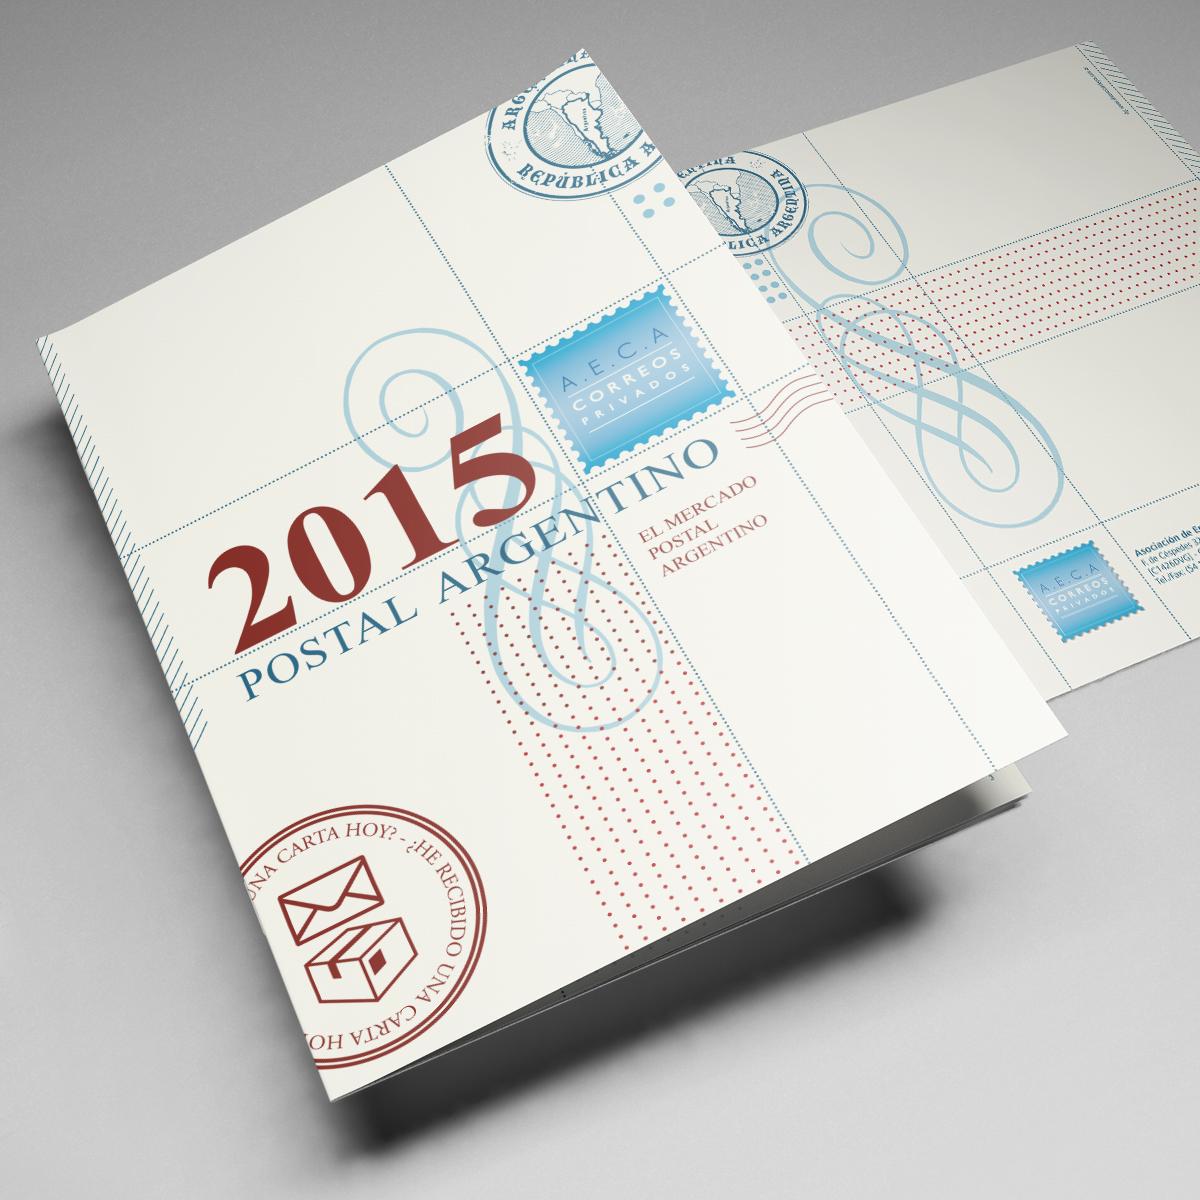 Memoria y Balance AECA 2015